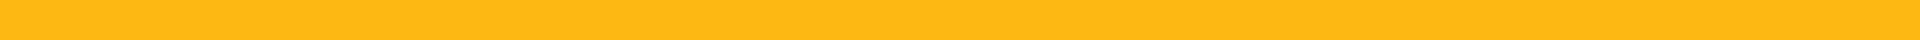 Spodnja-rumena